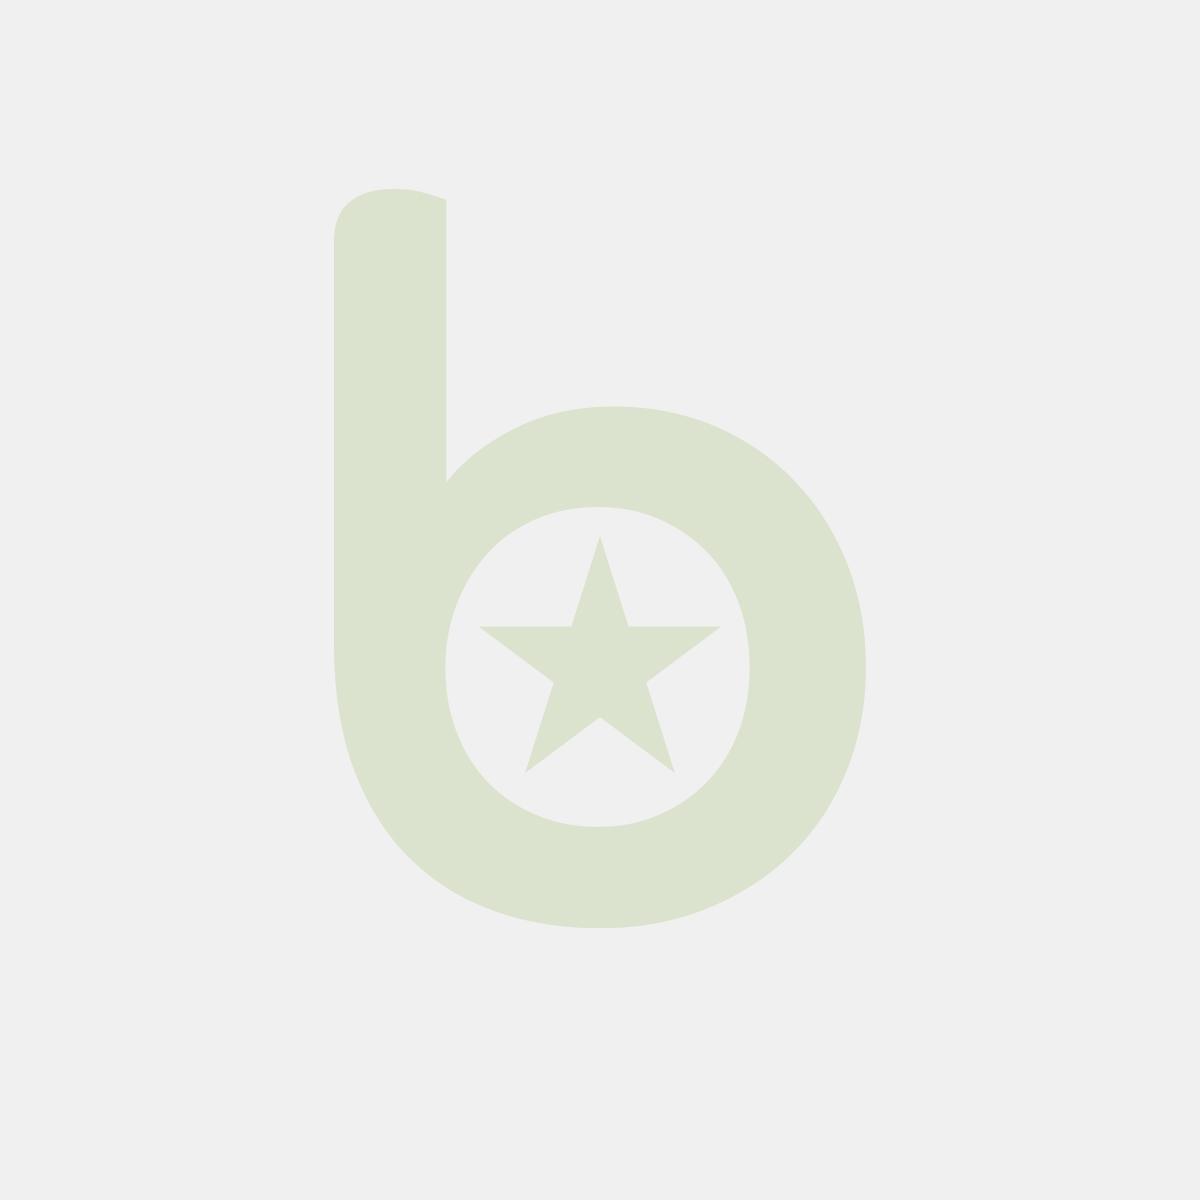 FINGERFOOD - patyczki STEARING WHEEL 9cm op. 200 sztuk